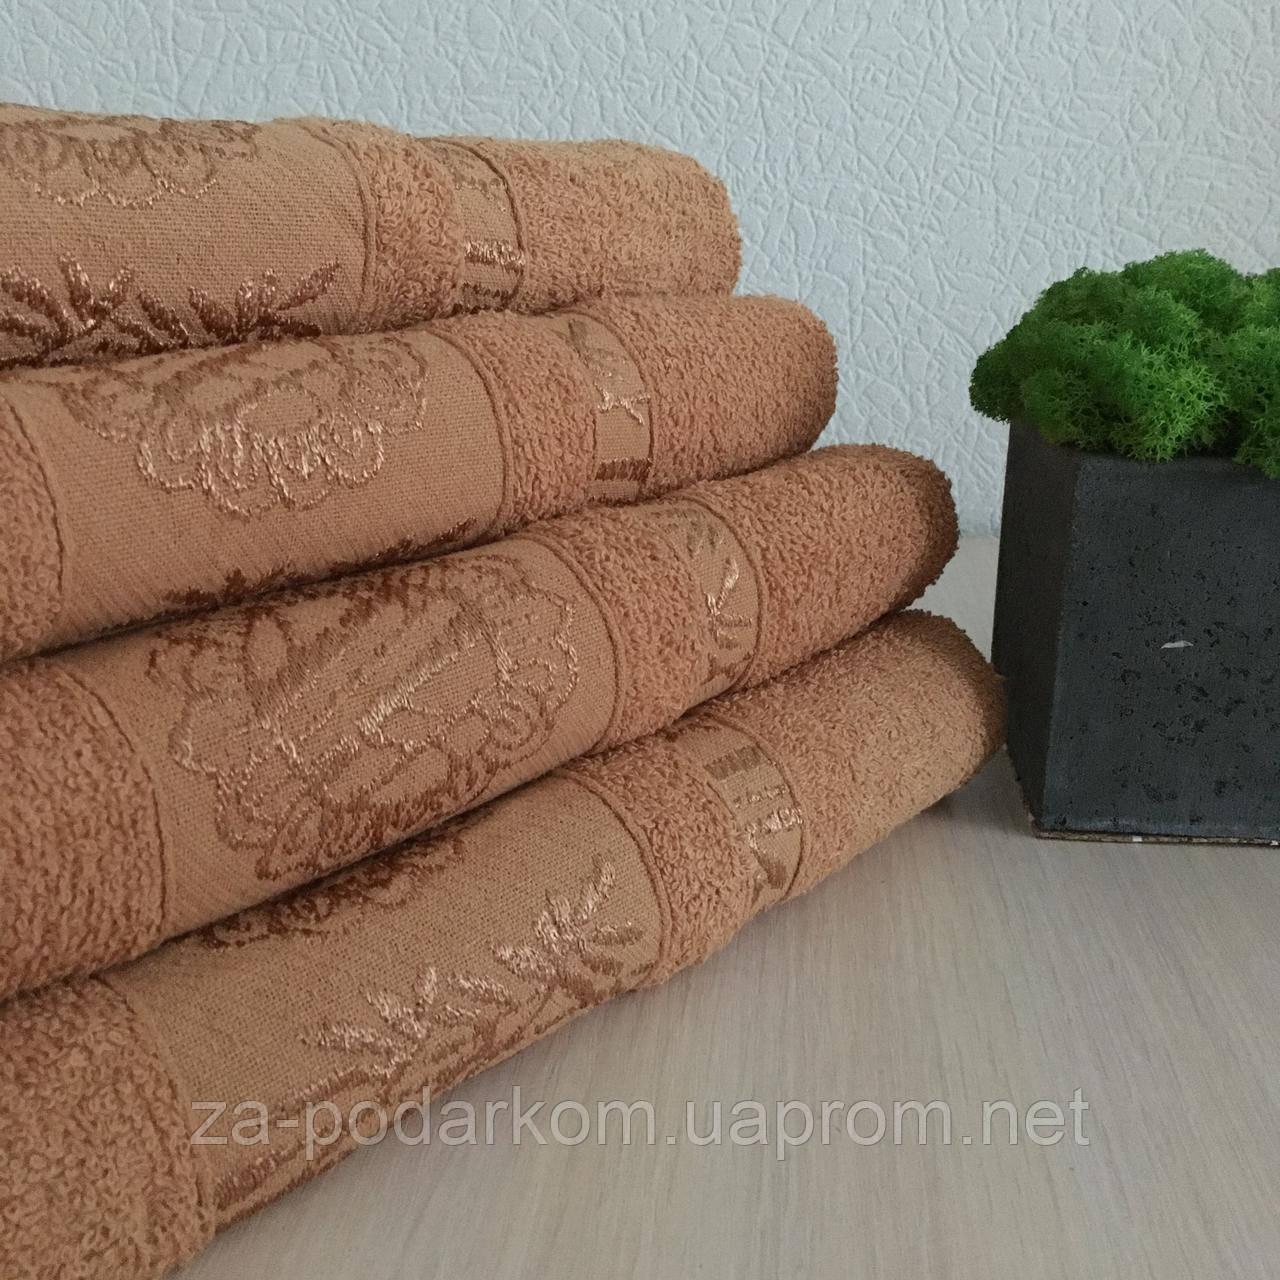 Рушник банний Бамбук 140x70cm (300г/м2) пісочне